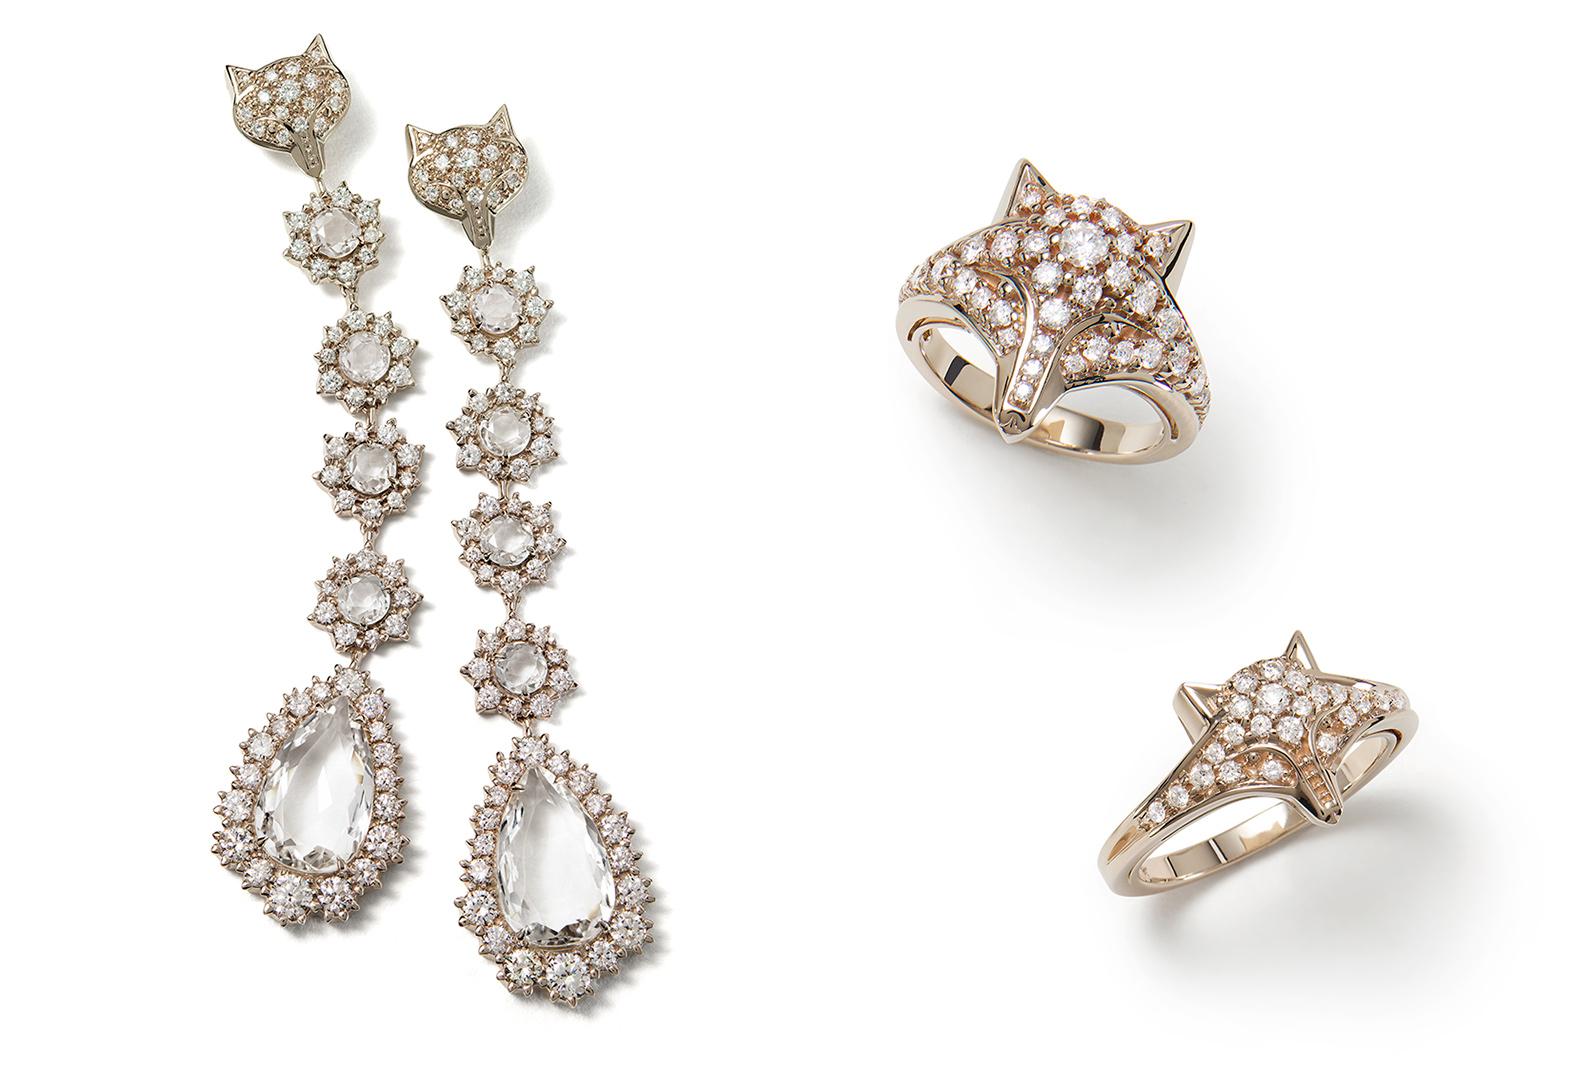 Brincos-ROCK-WINTER-de-Ouro-Nobre,-cristais-de-rocha-e-diamantes-brancos